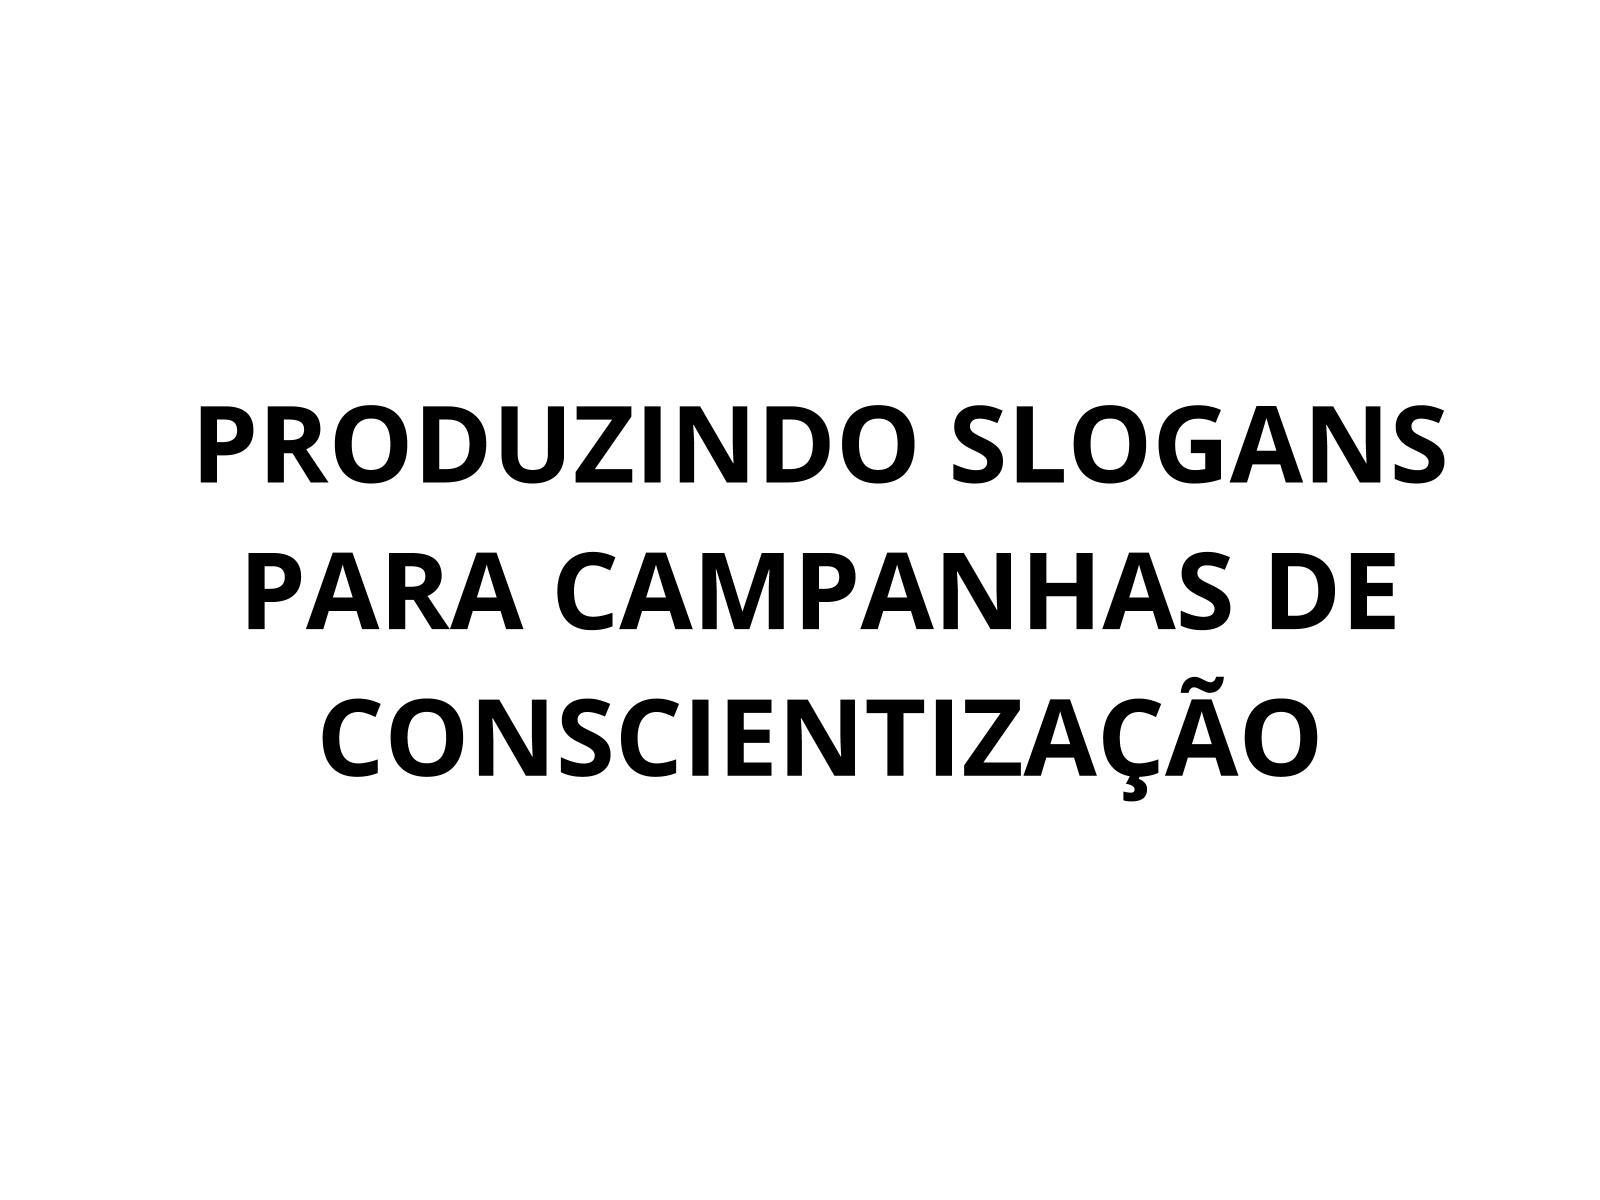 Produzindo slogans para campanhas de conscientização